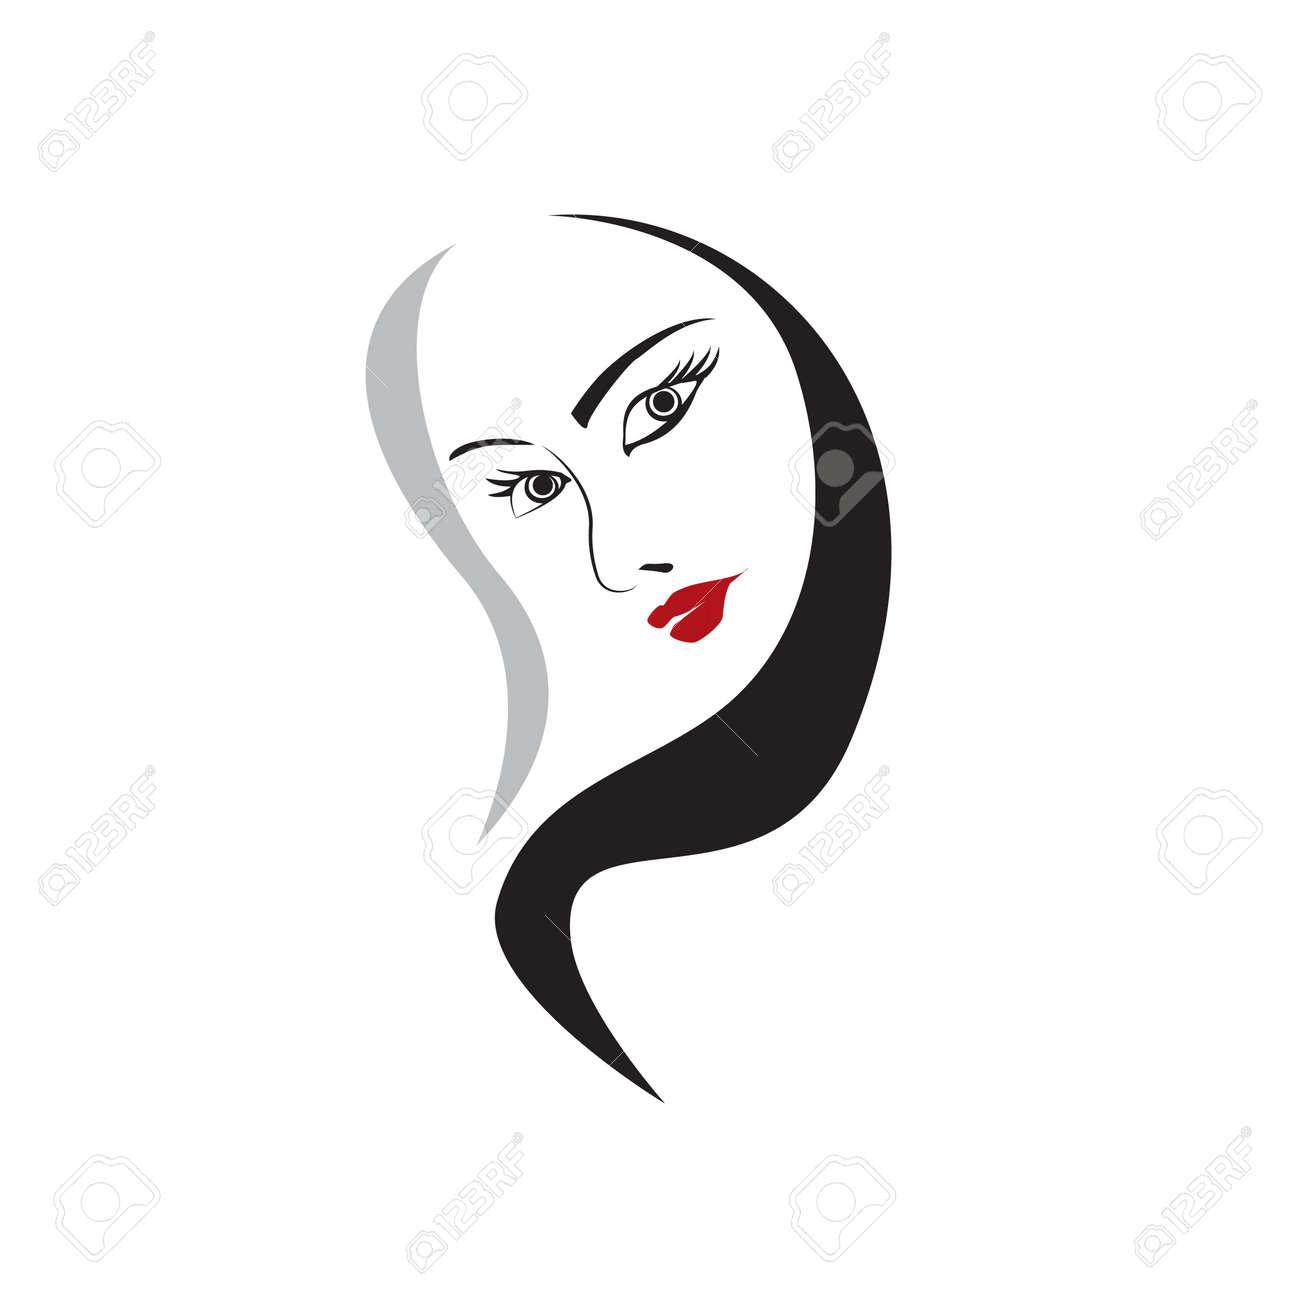 Frau Gesicht Vektor Element Für Design Zeichnen Lizenzfrei Nutzbare